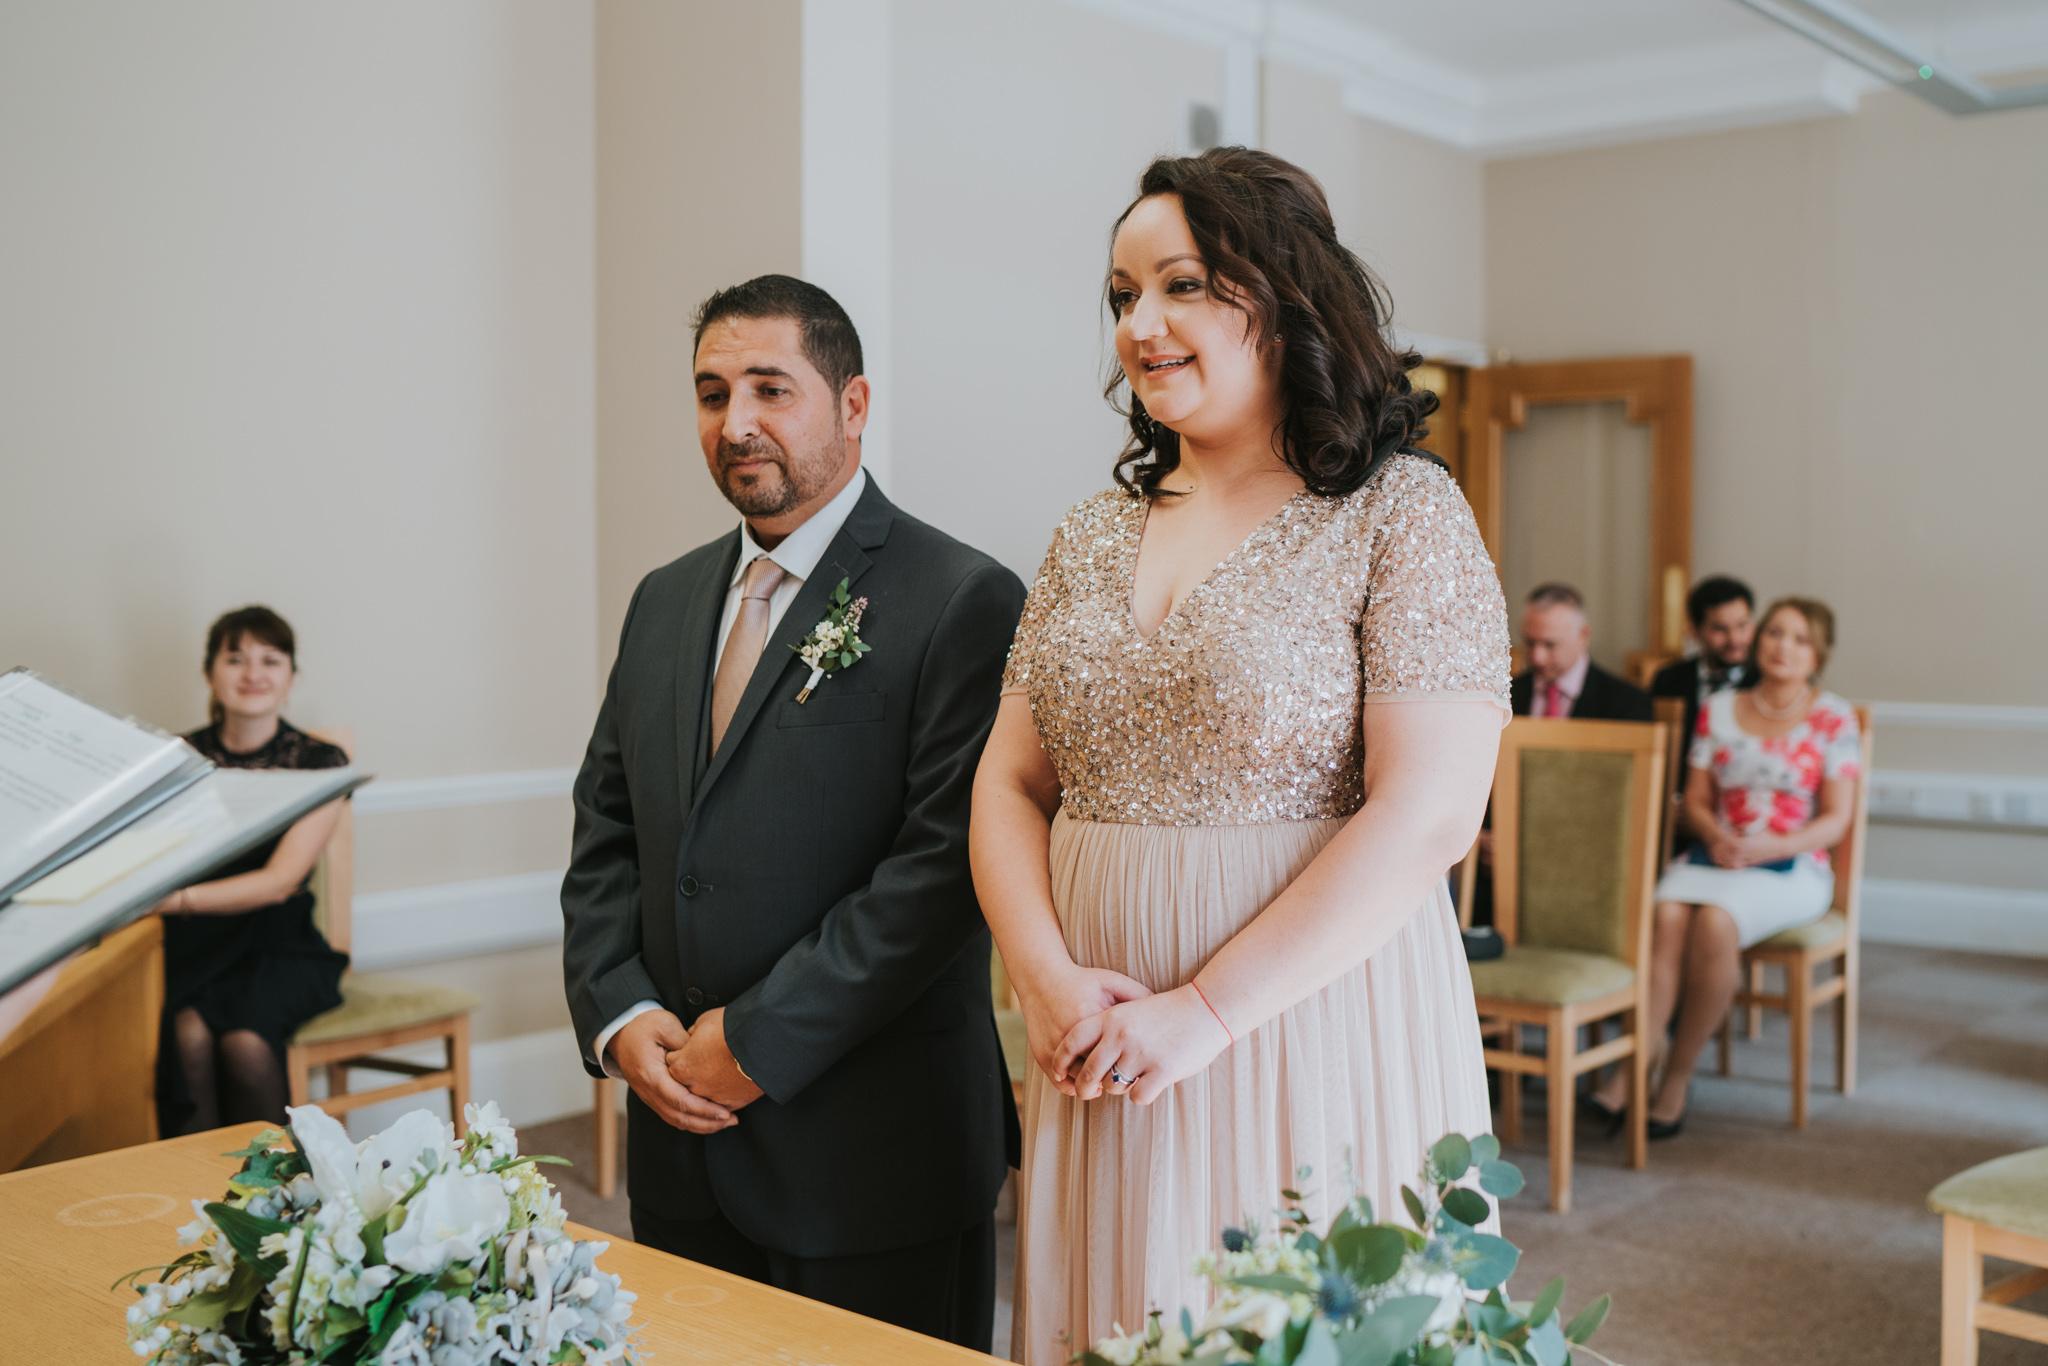 yuliya-yafith-colchester-essex-woodland-elopement-alternative-wedding-photographer-grace-elizabeth-essex-suffolk-norfolk-devon (33 of 40).jpg